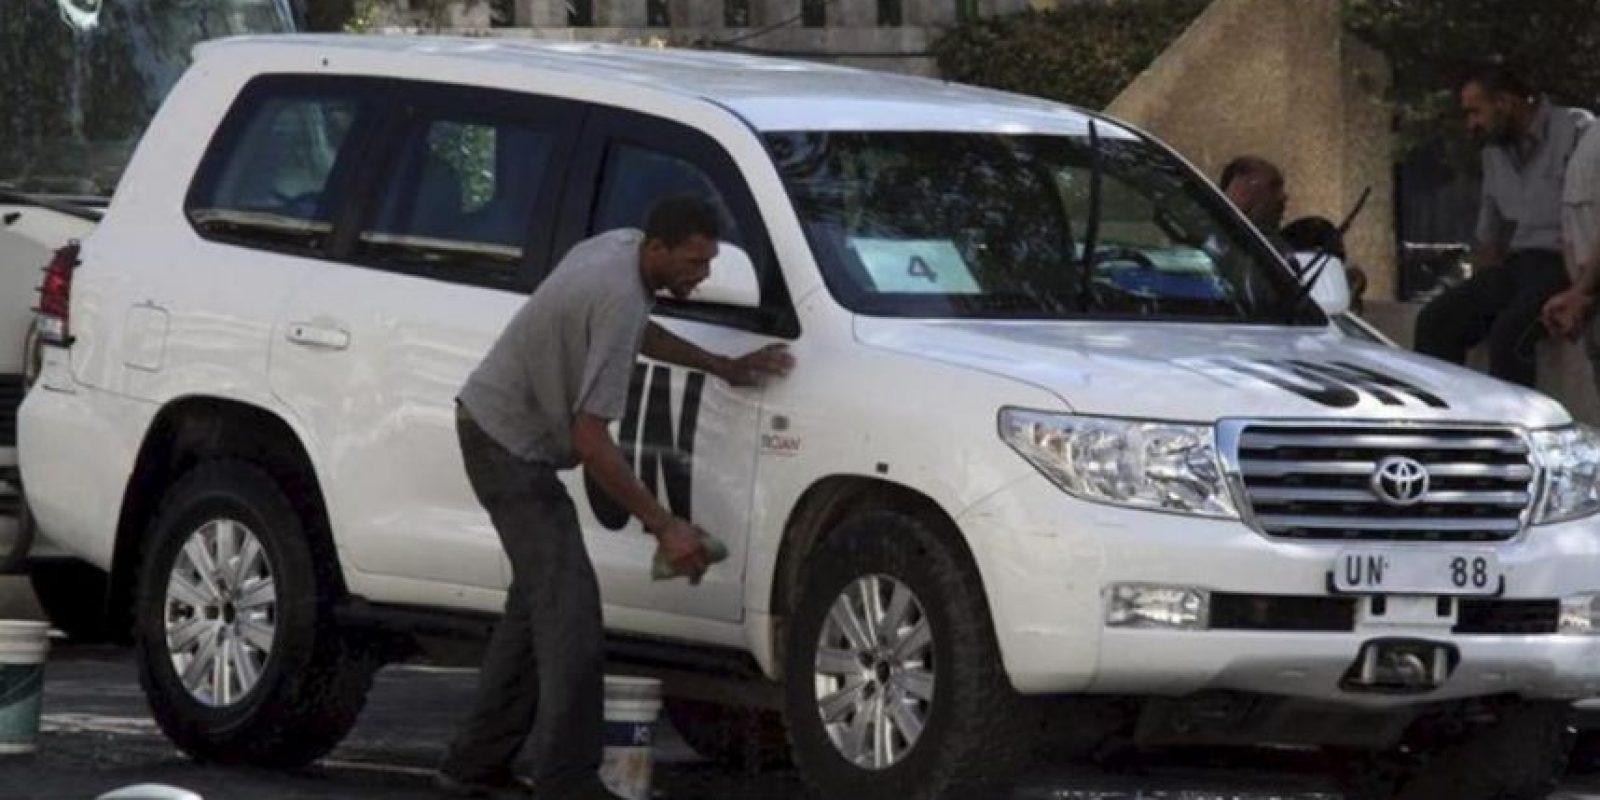 Un operario sirio limpia uno de los coches usados por la misión de inspectores de la ONU delante del hotel Four Seasons de Damasco (Siria). EFE